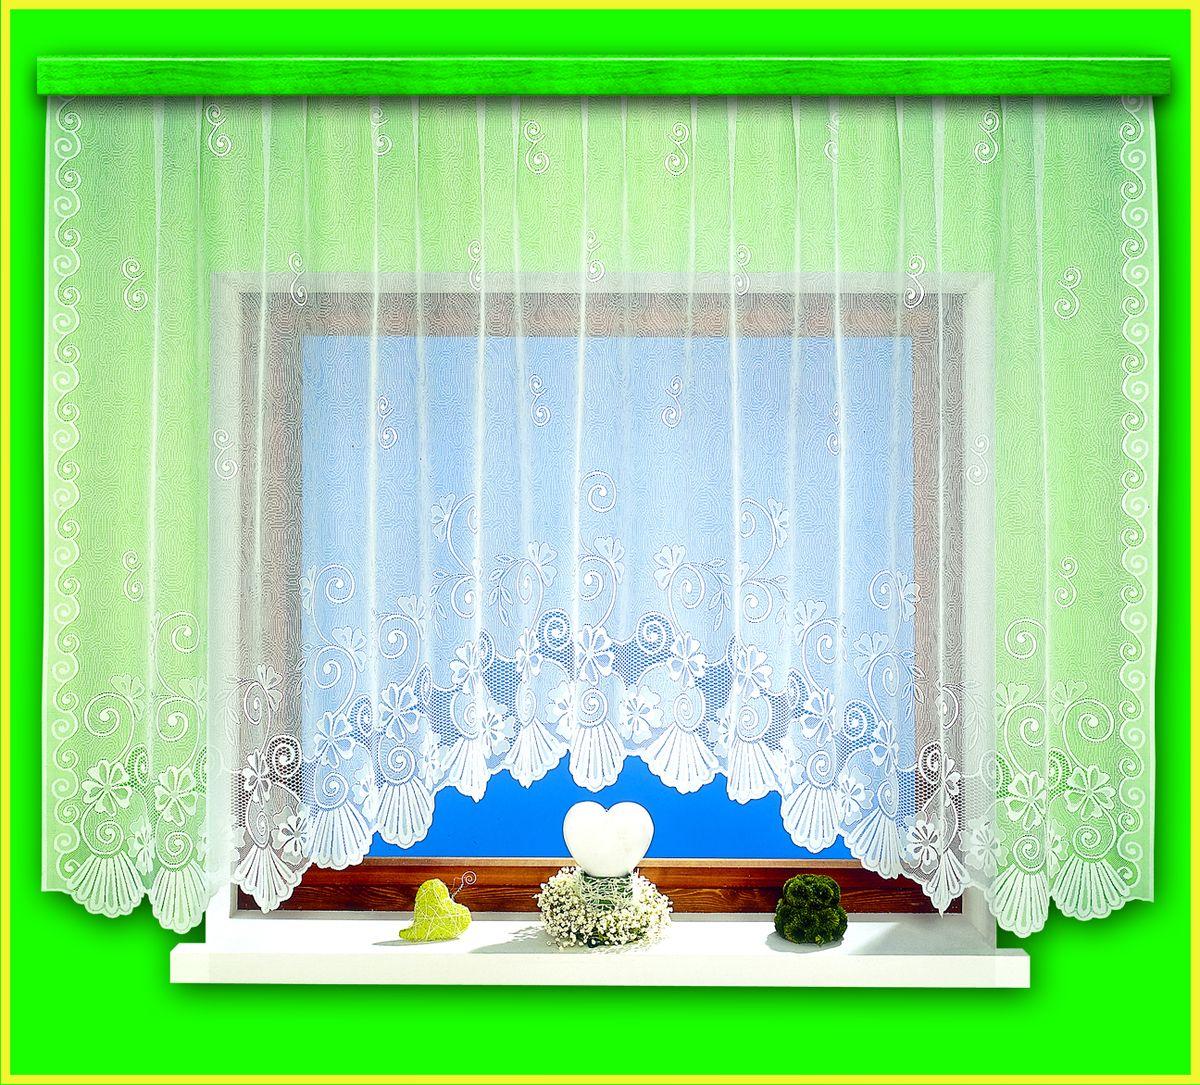 Гардина для кухни Haft Magia Wzorow, на ленте, цвет: белый, высота 160 см. 94090/160219490/160Воздушная гардина Haft Magia Wzorow, изготовленная из полиэстера белого цвета, станет великолепным украшением любого окна. Оригинальный цветочный орнамент, украшающий нижний край гардины, и нежная ажурная фактура материала привлекут к себе внимание и органично впишутся в интерьер комнаты. В гардину вшита шторная лента.Размер гардины: 160 см х 300 см.Главный ассортимент компании Haft - это тюль и занавески. Haft предлагает готовые решения для ваших окон, выпуская готовые наборы штор, которые остается только распаковать и повесить. Модельный ряд отличает оригинальный дизайн, высокое качество. Занавески, шторы, гардины Haft долговечны, прочны, практически не сминаемы, они не притягивают пыль и за ними легко ухаживать. Вся продукция бренда Haft выполнена на современном оборудовании из лучших материалов.